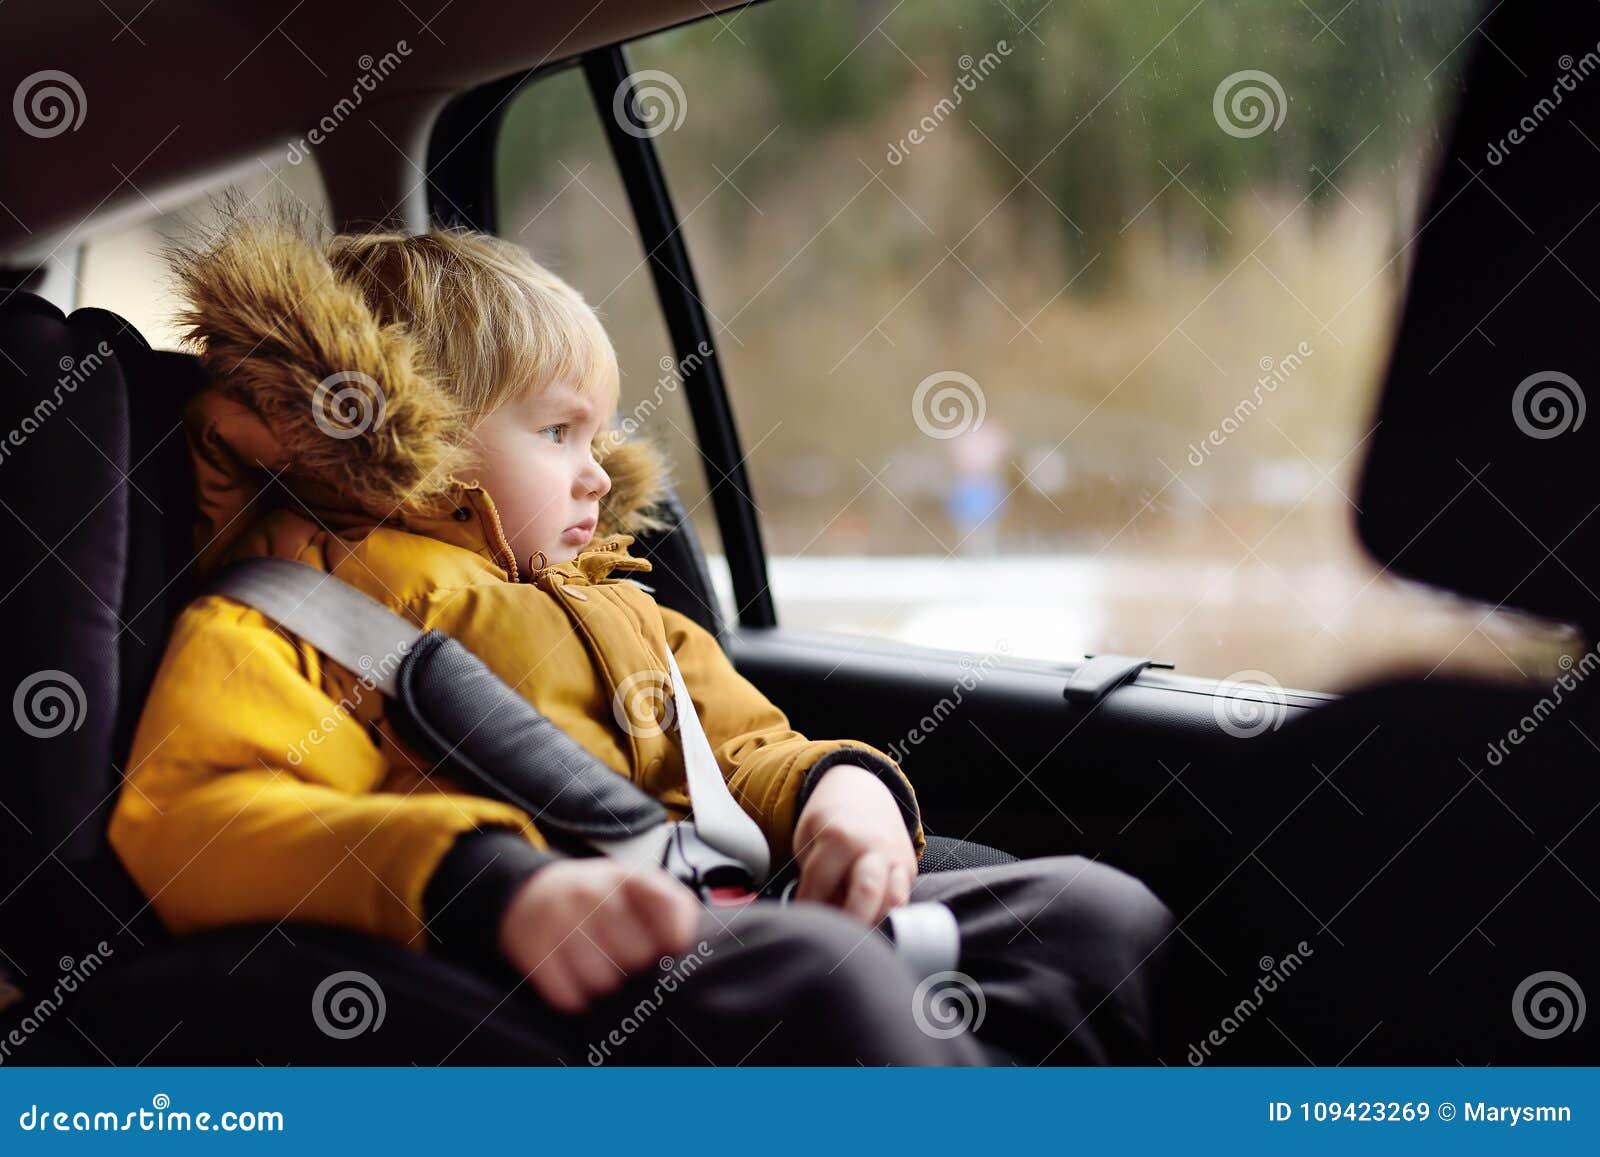 Portret van mooi weinig jongenszitting in autozetel tijdens roadtrip of reis